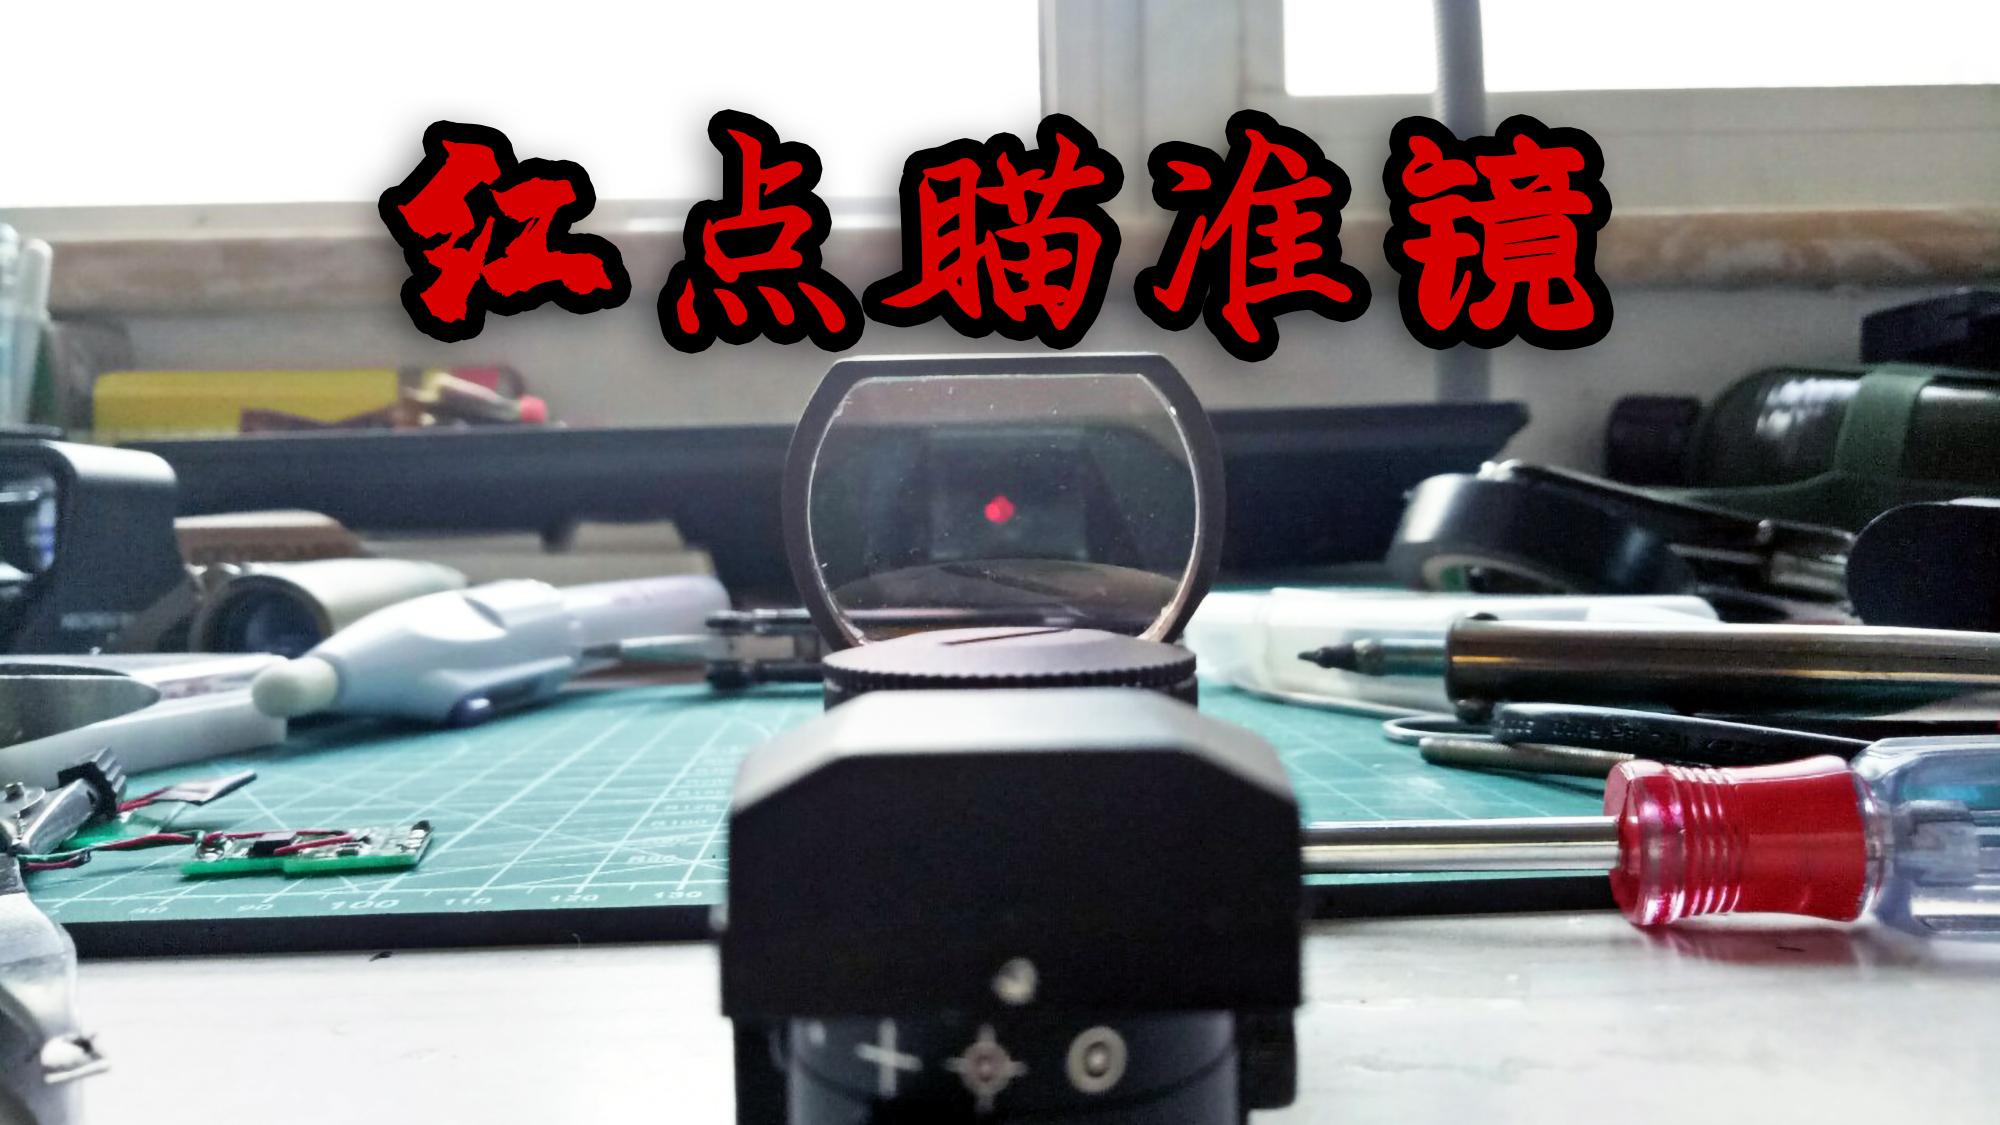 【瞄具介绍】红点瞄准镜详细讲解!(双色四变点)[vlog49补档]